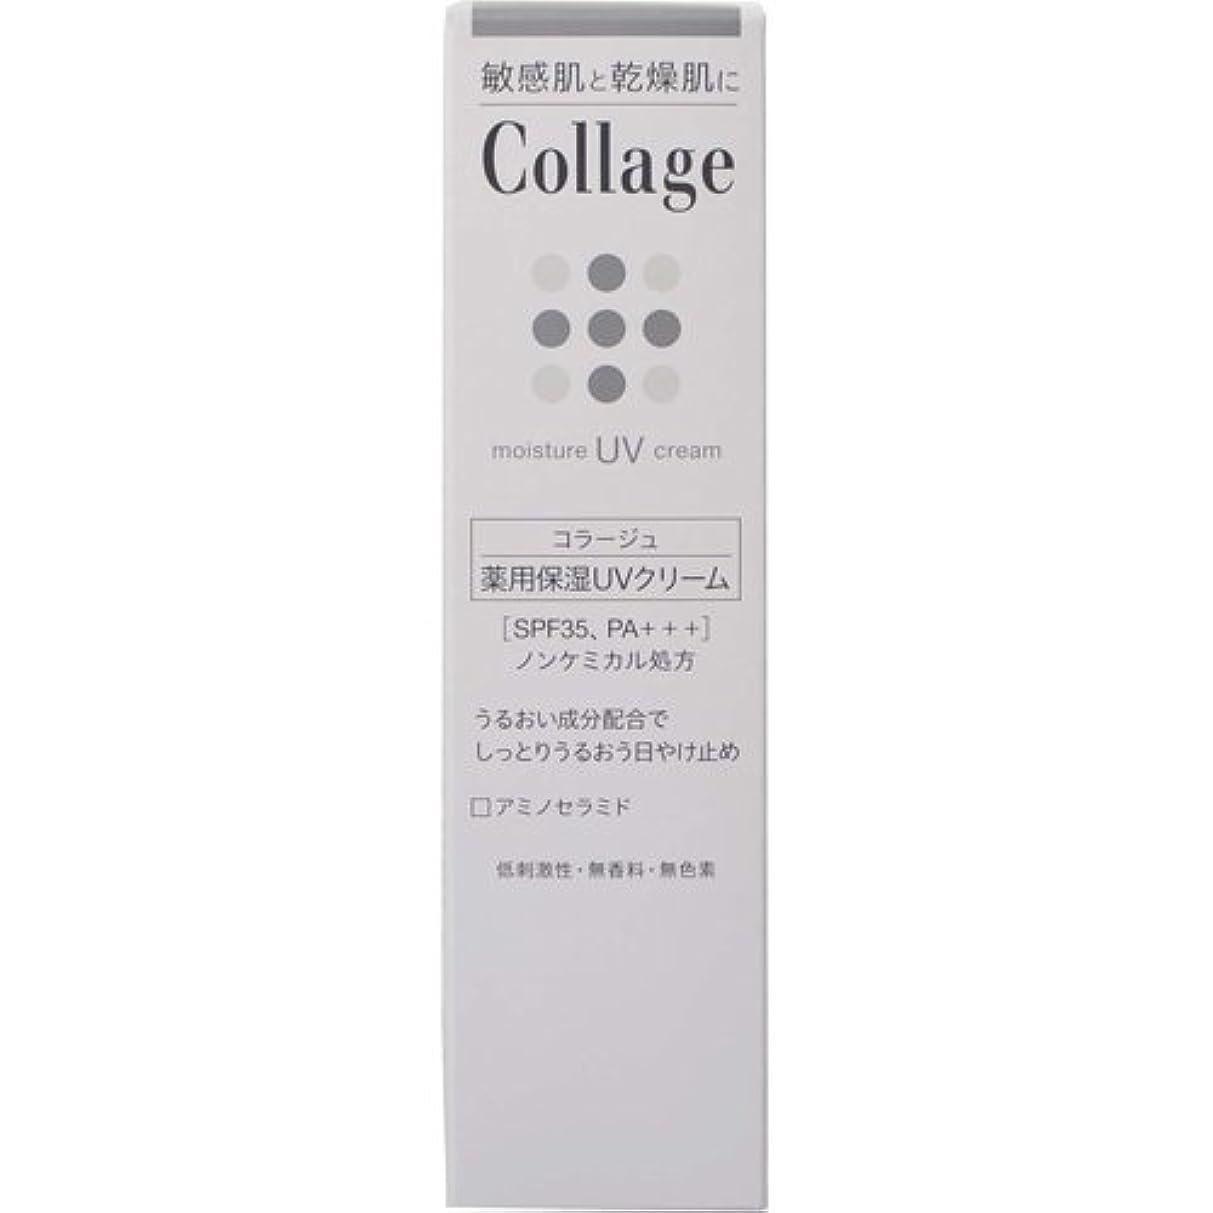 建築毎日世界的にコラージュ 薬用保湿UVクリーム 30g 【医薬部外品】